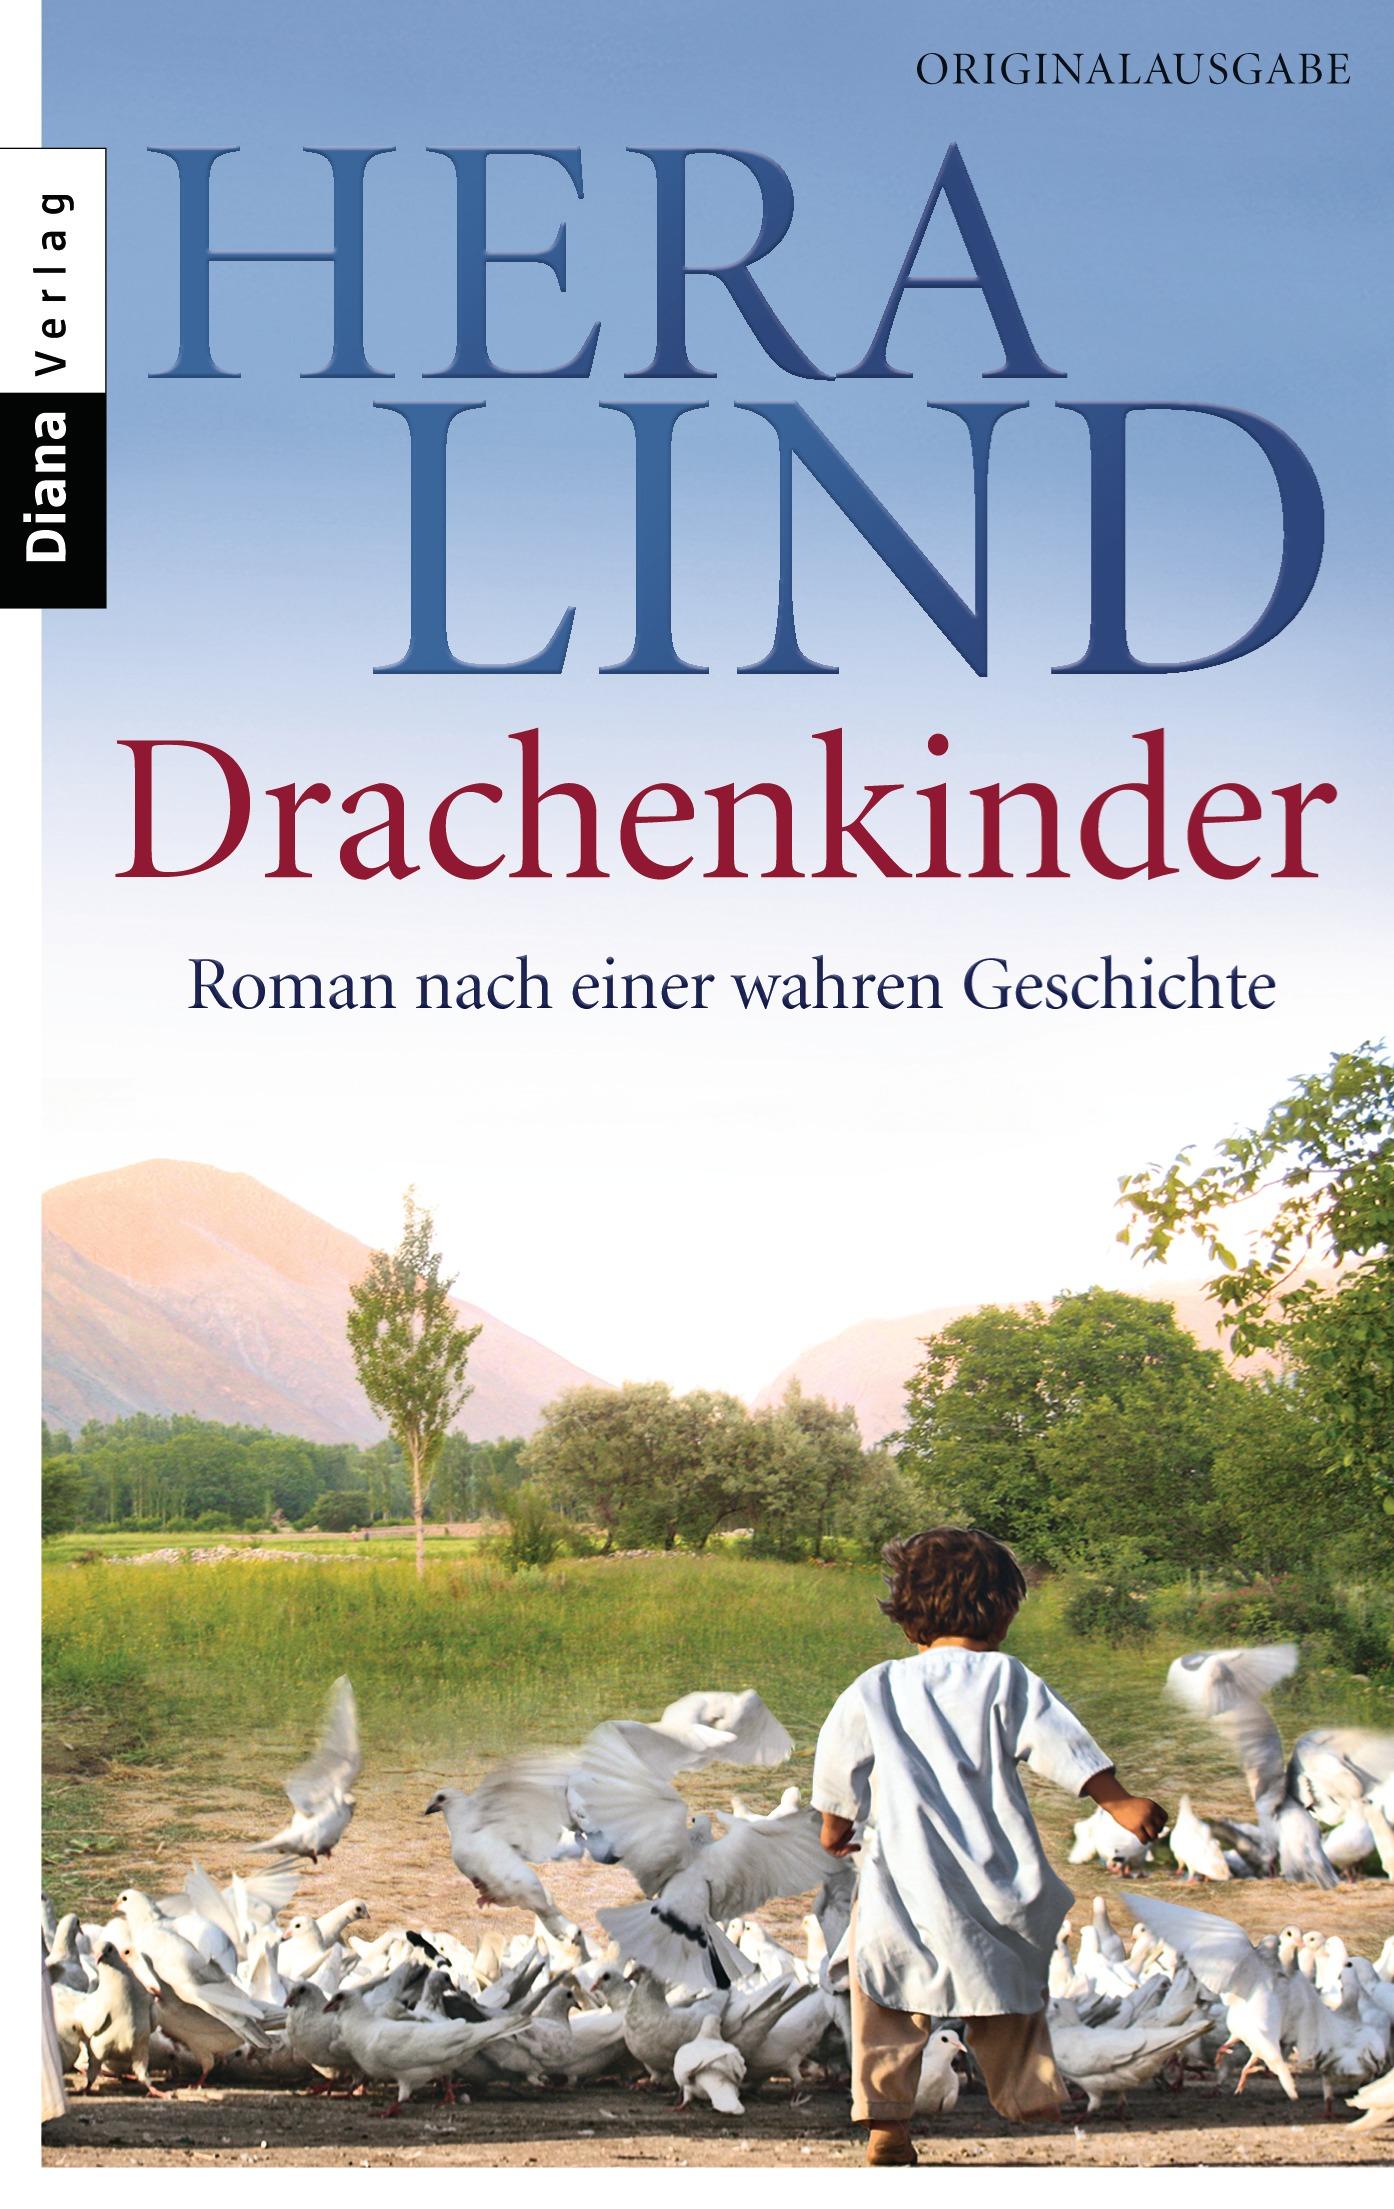 Drachenkinder: Roman nach einer wahren Geschichte - Hera Lind